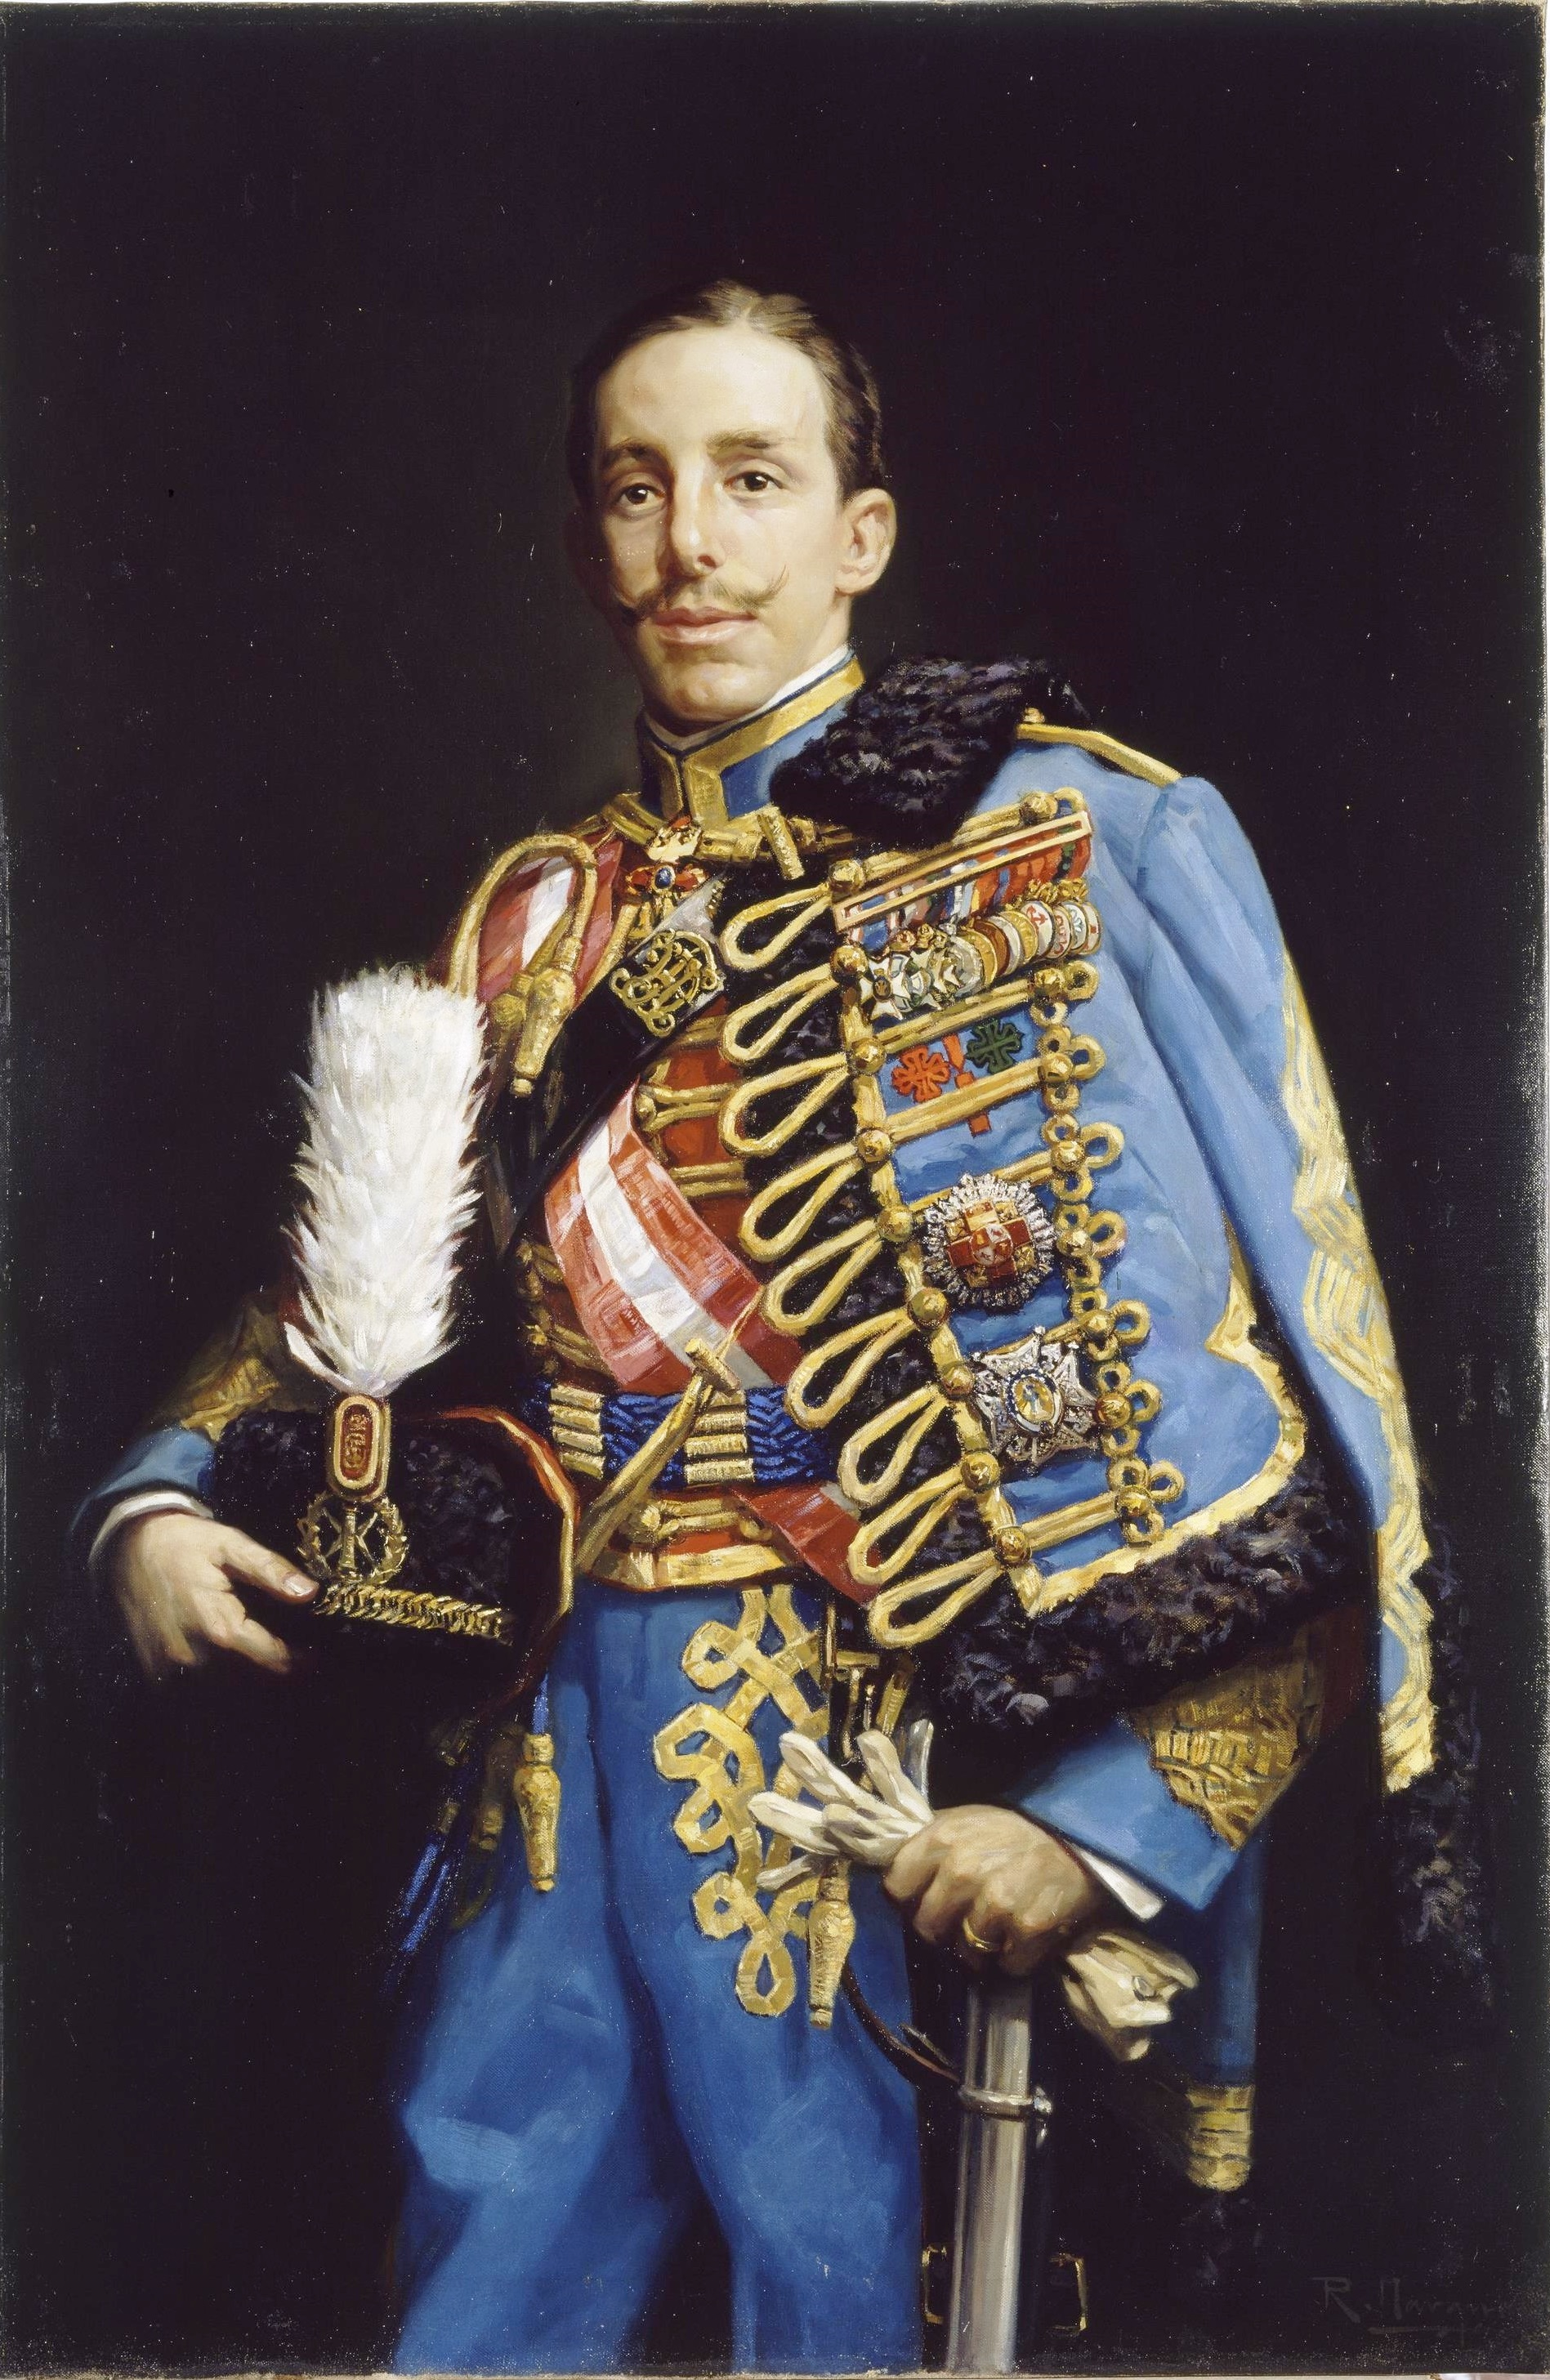 File:El rey Alfonso XIII de España, de Román Navarro (Museo del Prado).jpg - Wikimedia Commons